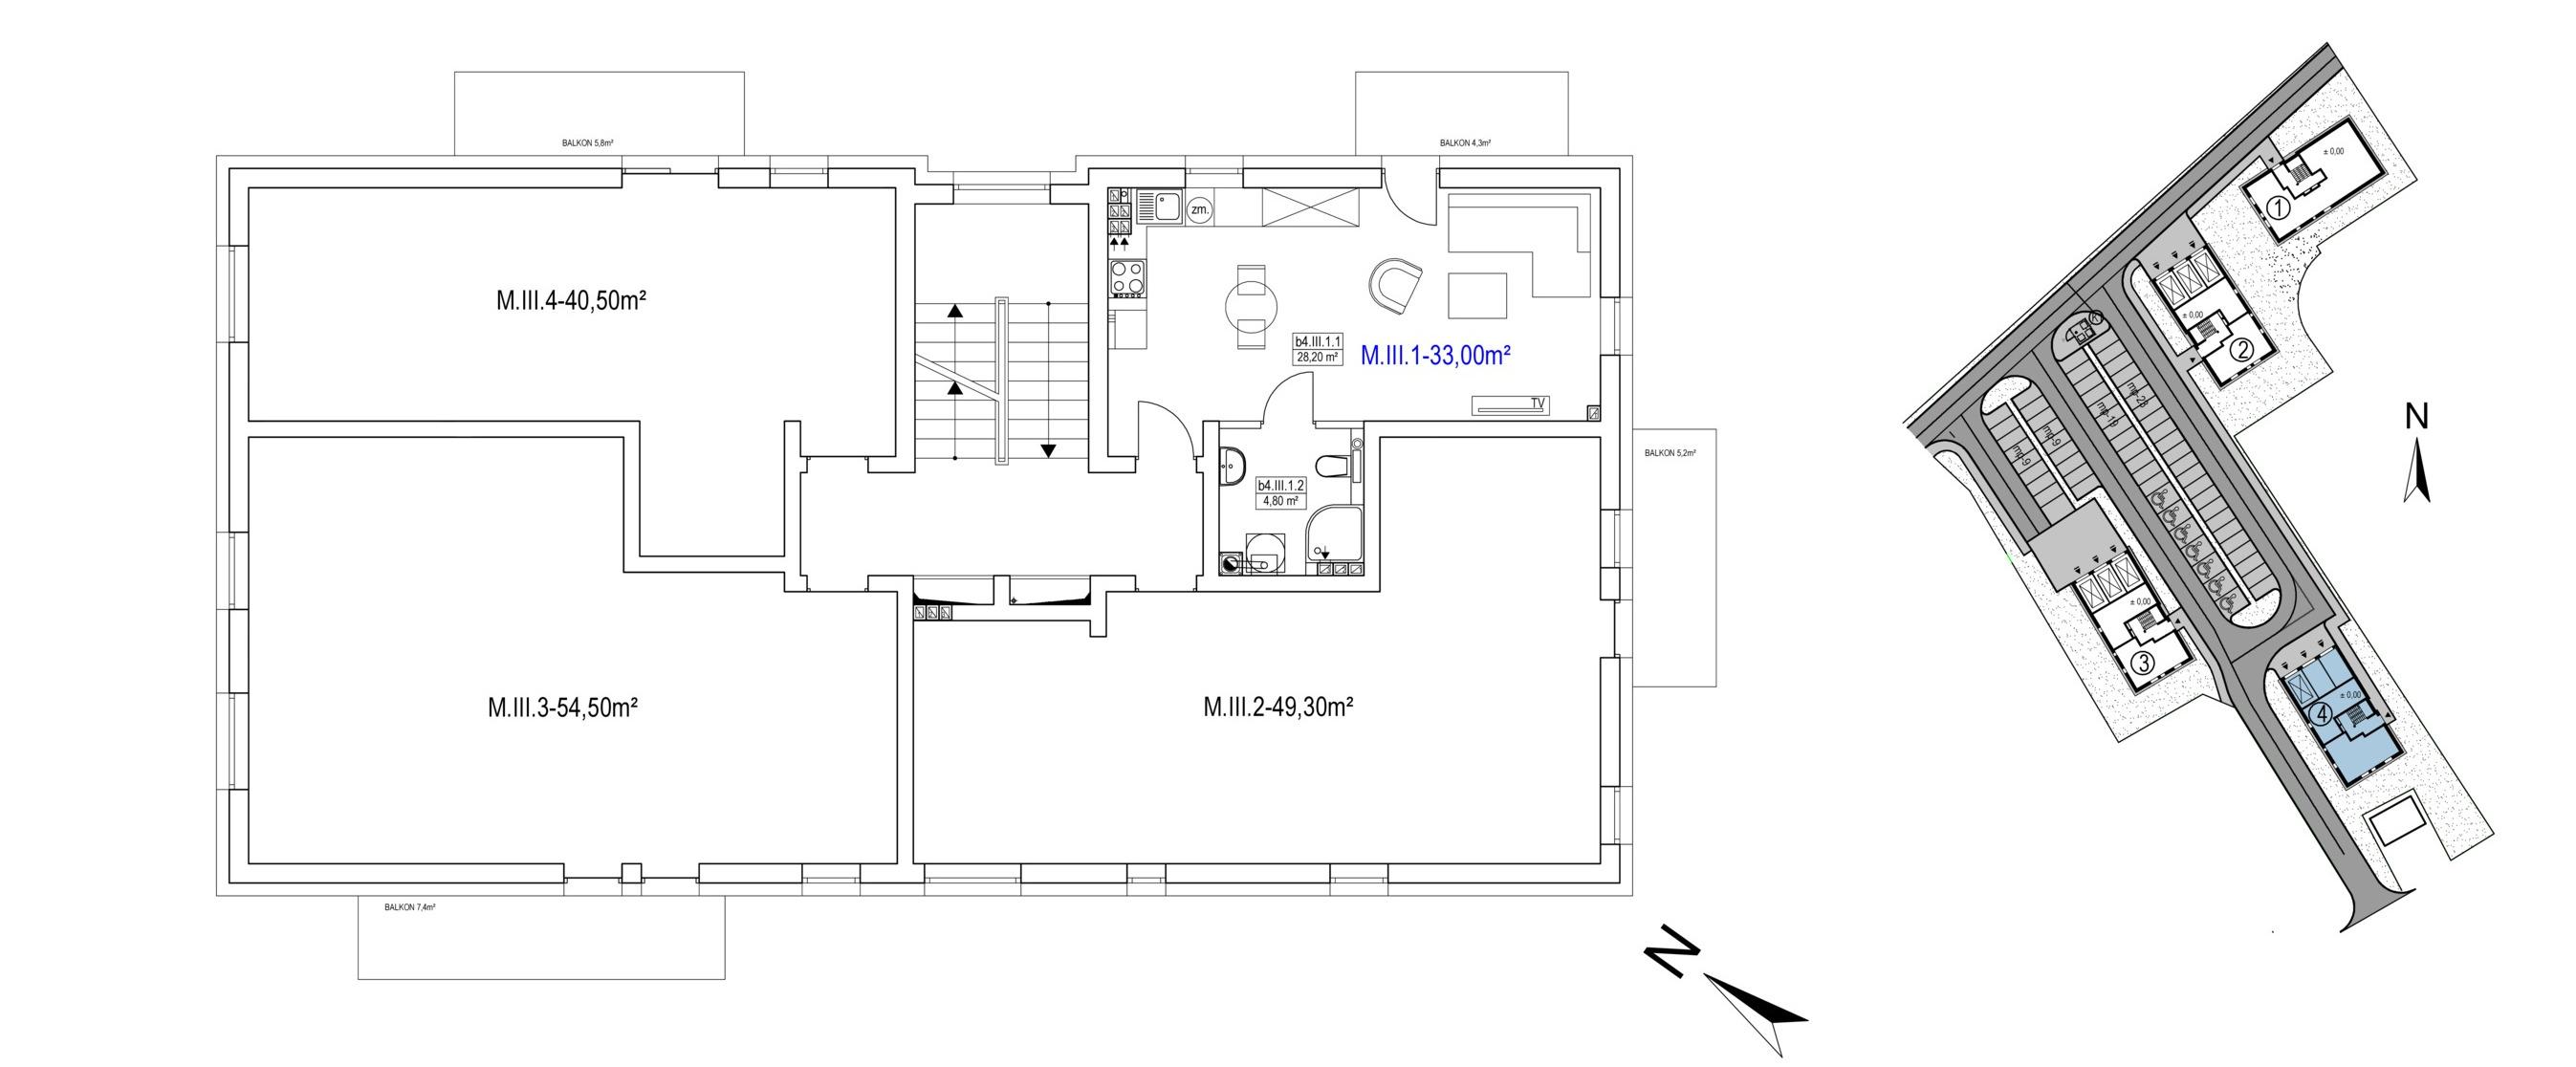 /assets/img/flats/B4.M.III.1.jpg